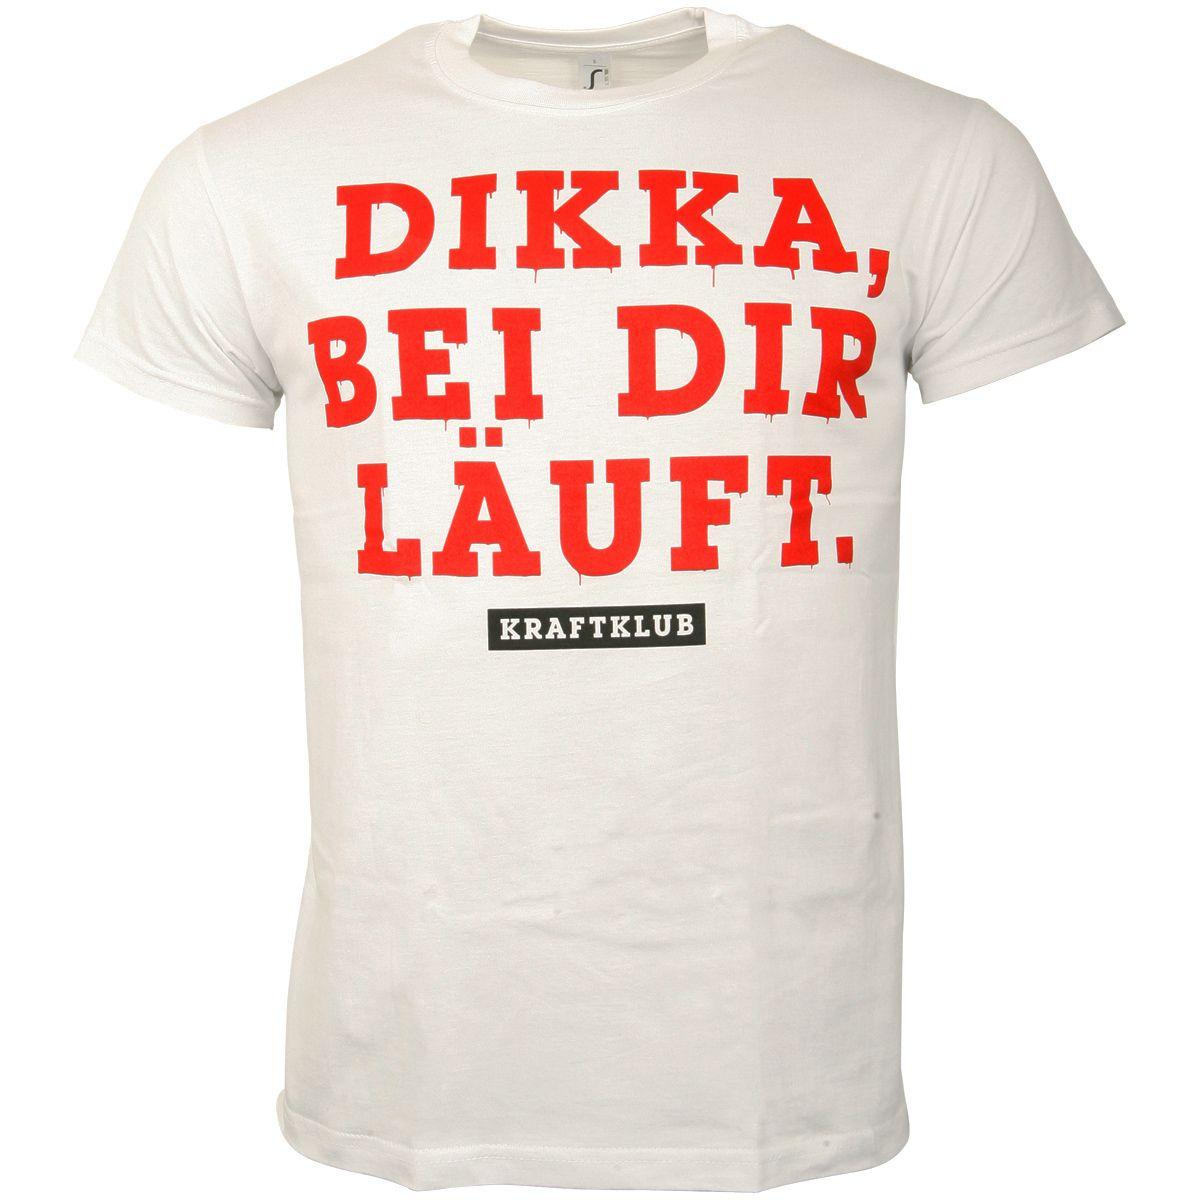 Kraftklub - T-Shirt Dikka - weiß